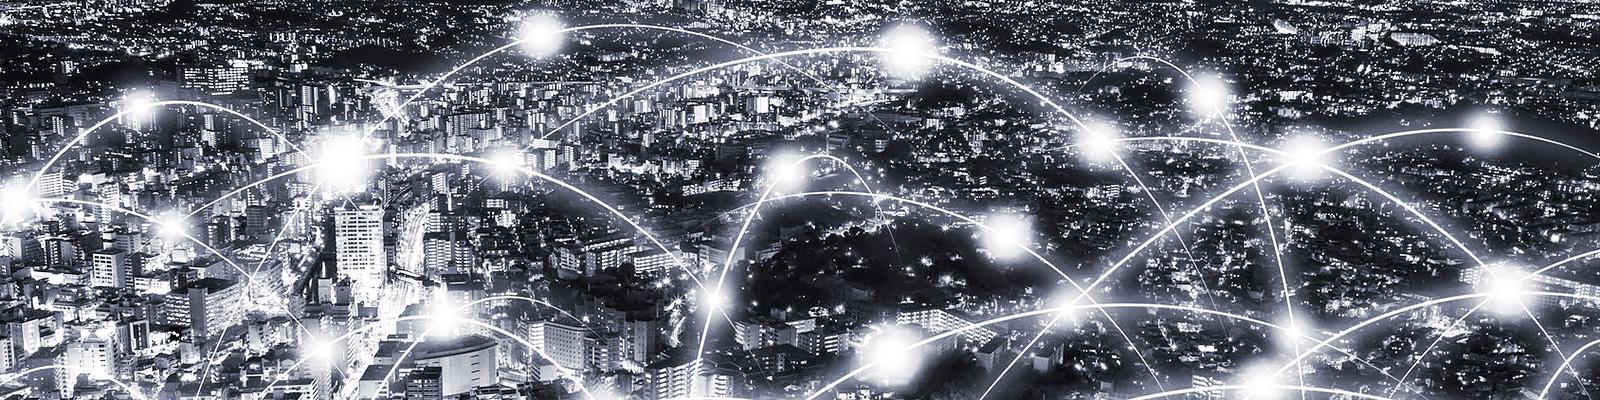 通信 ビルディング イメージ